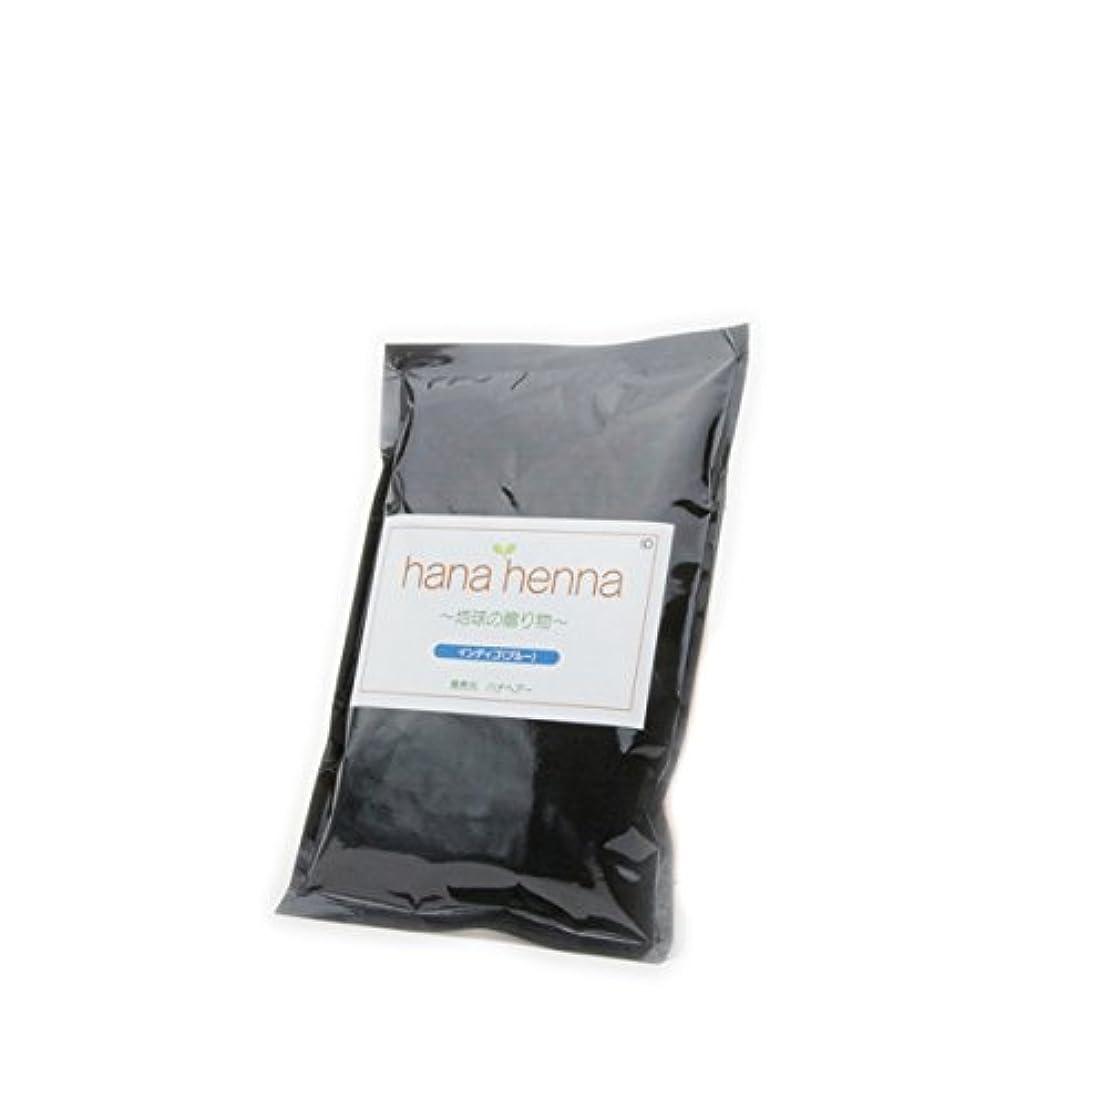 開梱卵テナントDO-S 天然インディゴ 100g ノンシリコン 素髪力アップ CLASSY クラッシィ掲載商品